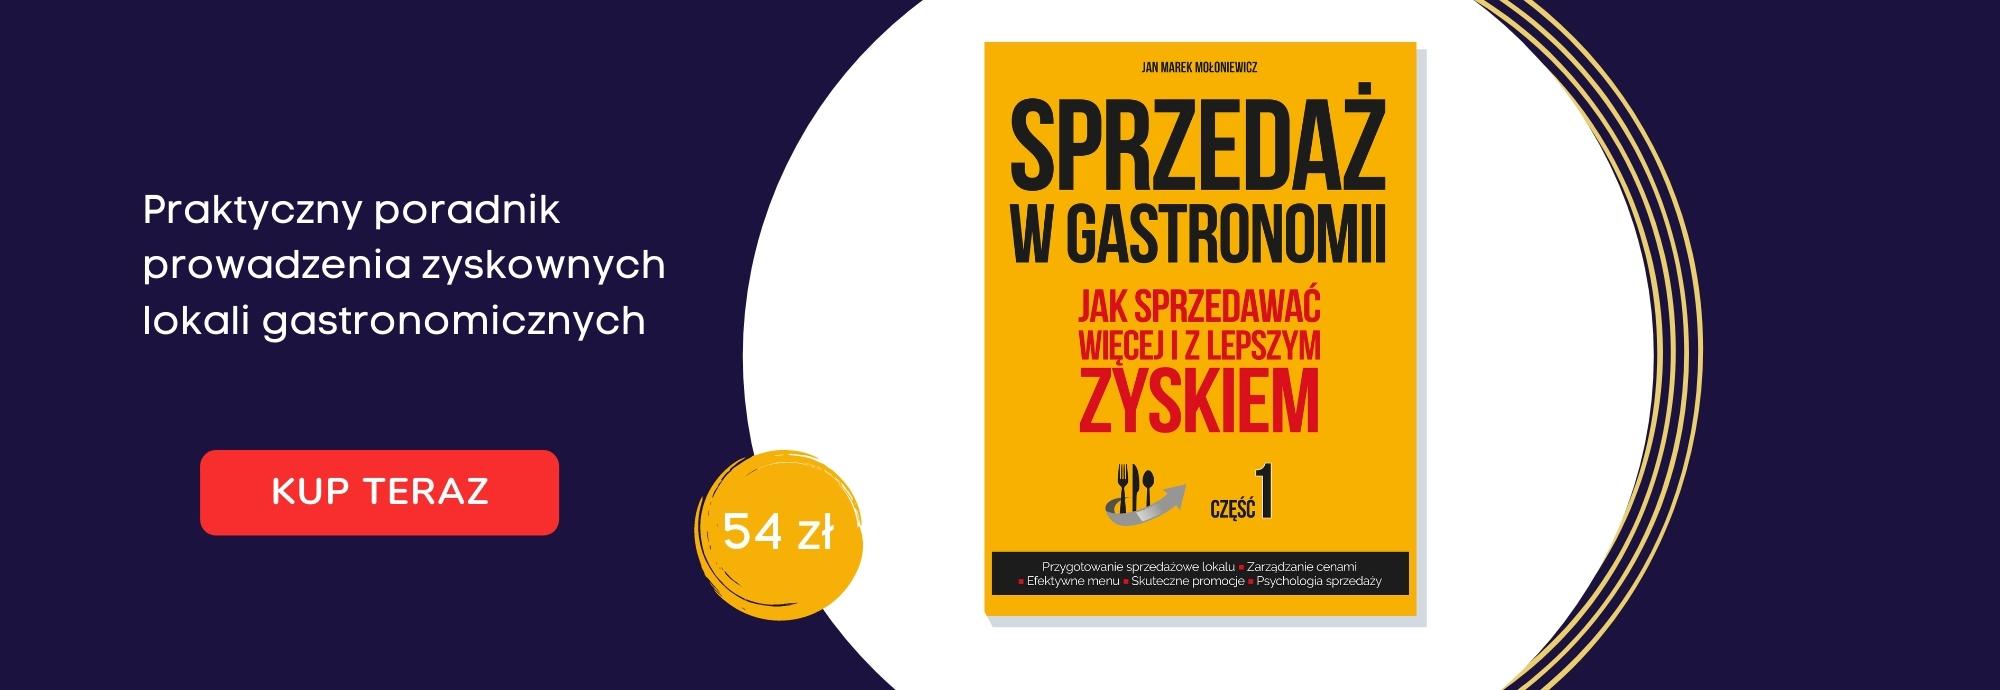 okładka sprzedaż cz 1 www